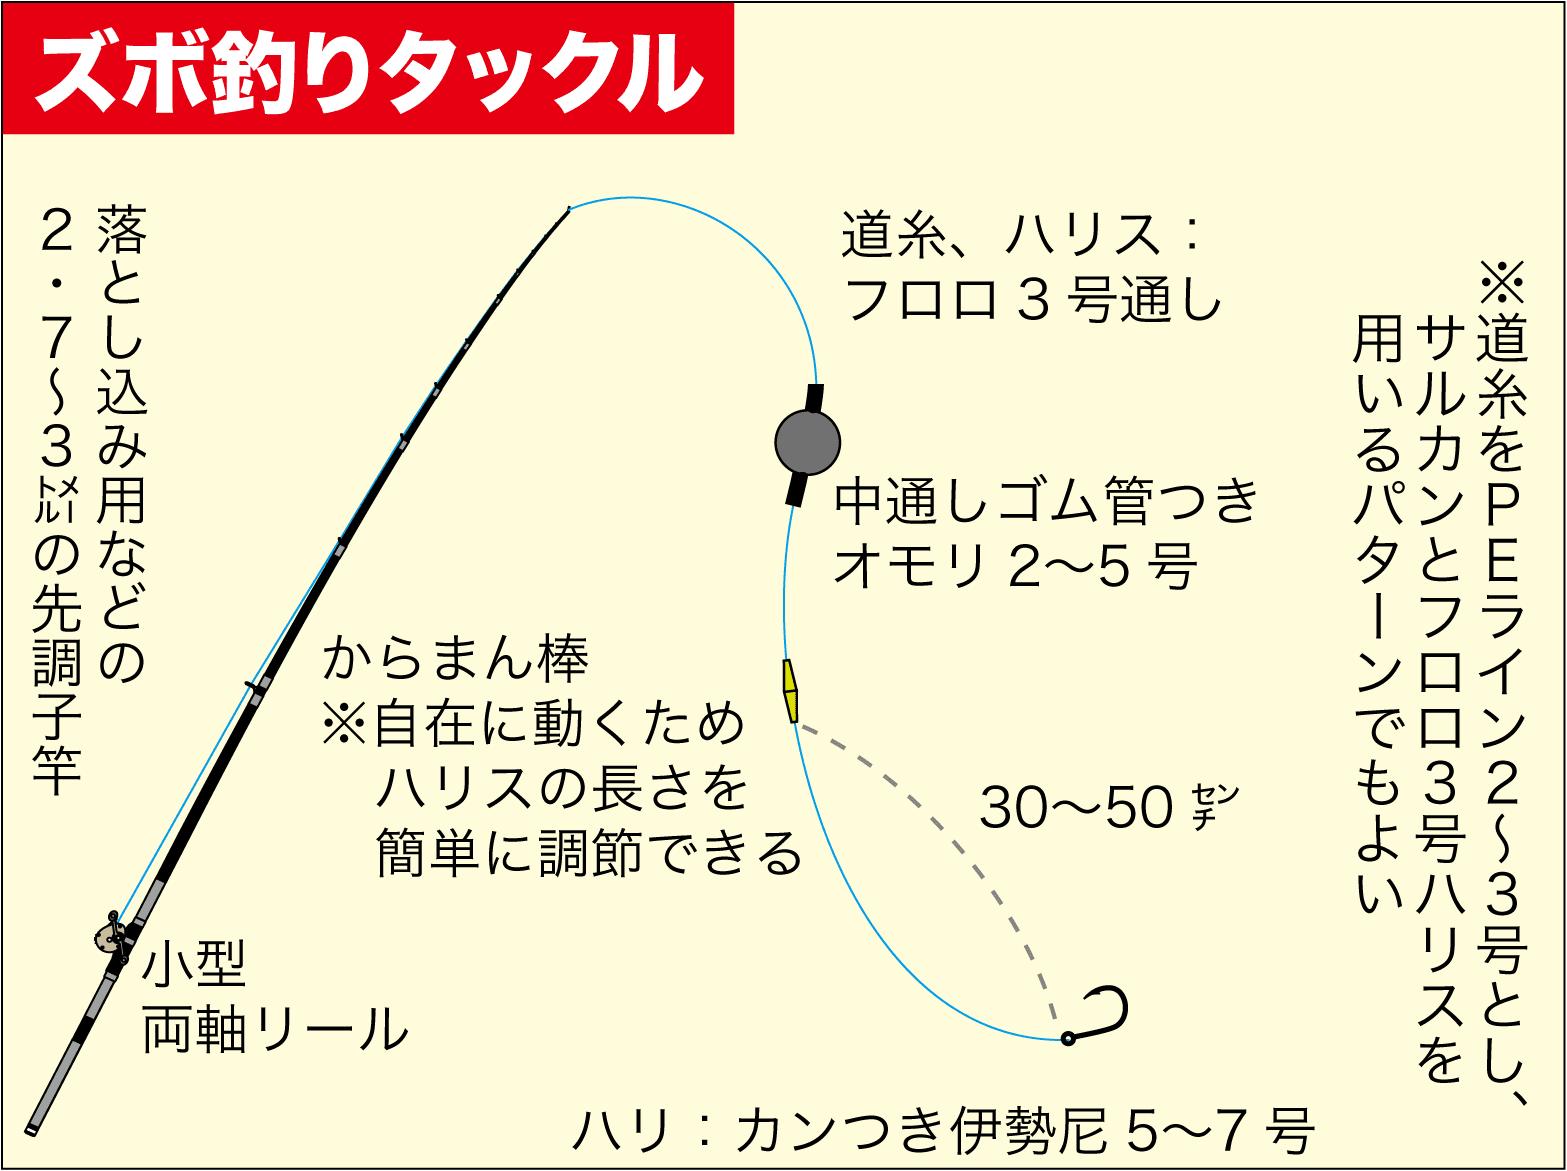 ズボ釣り継ぎ目7